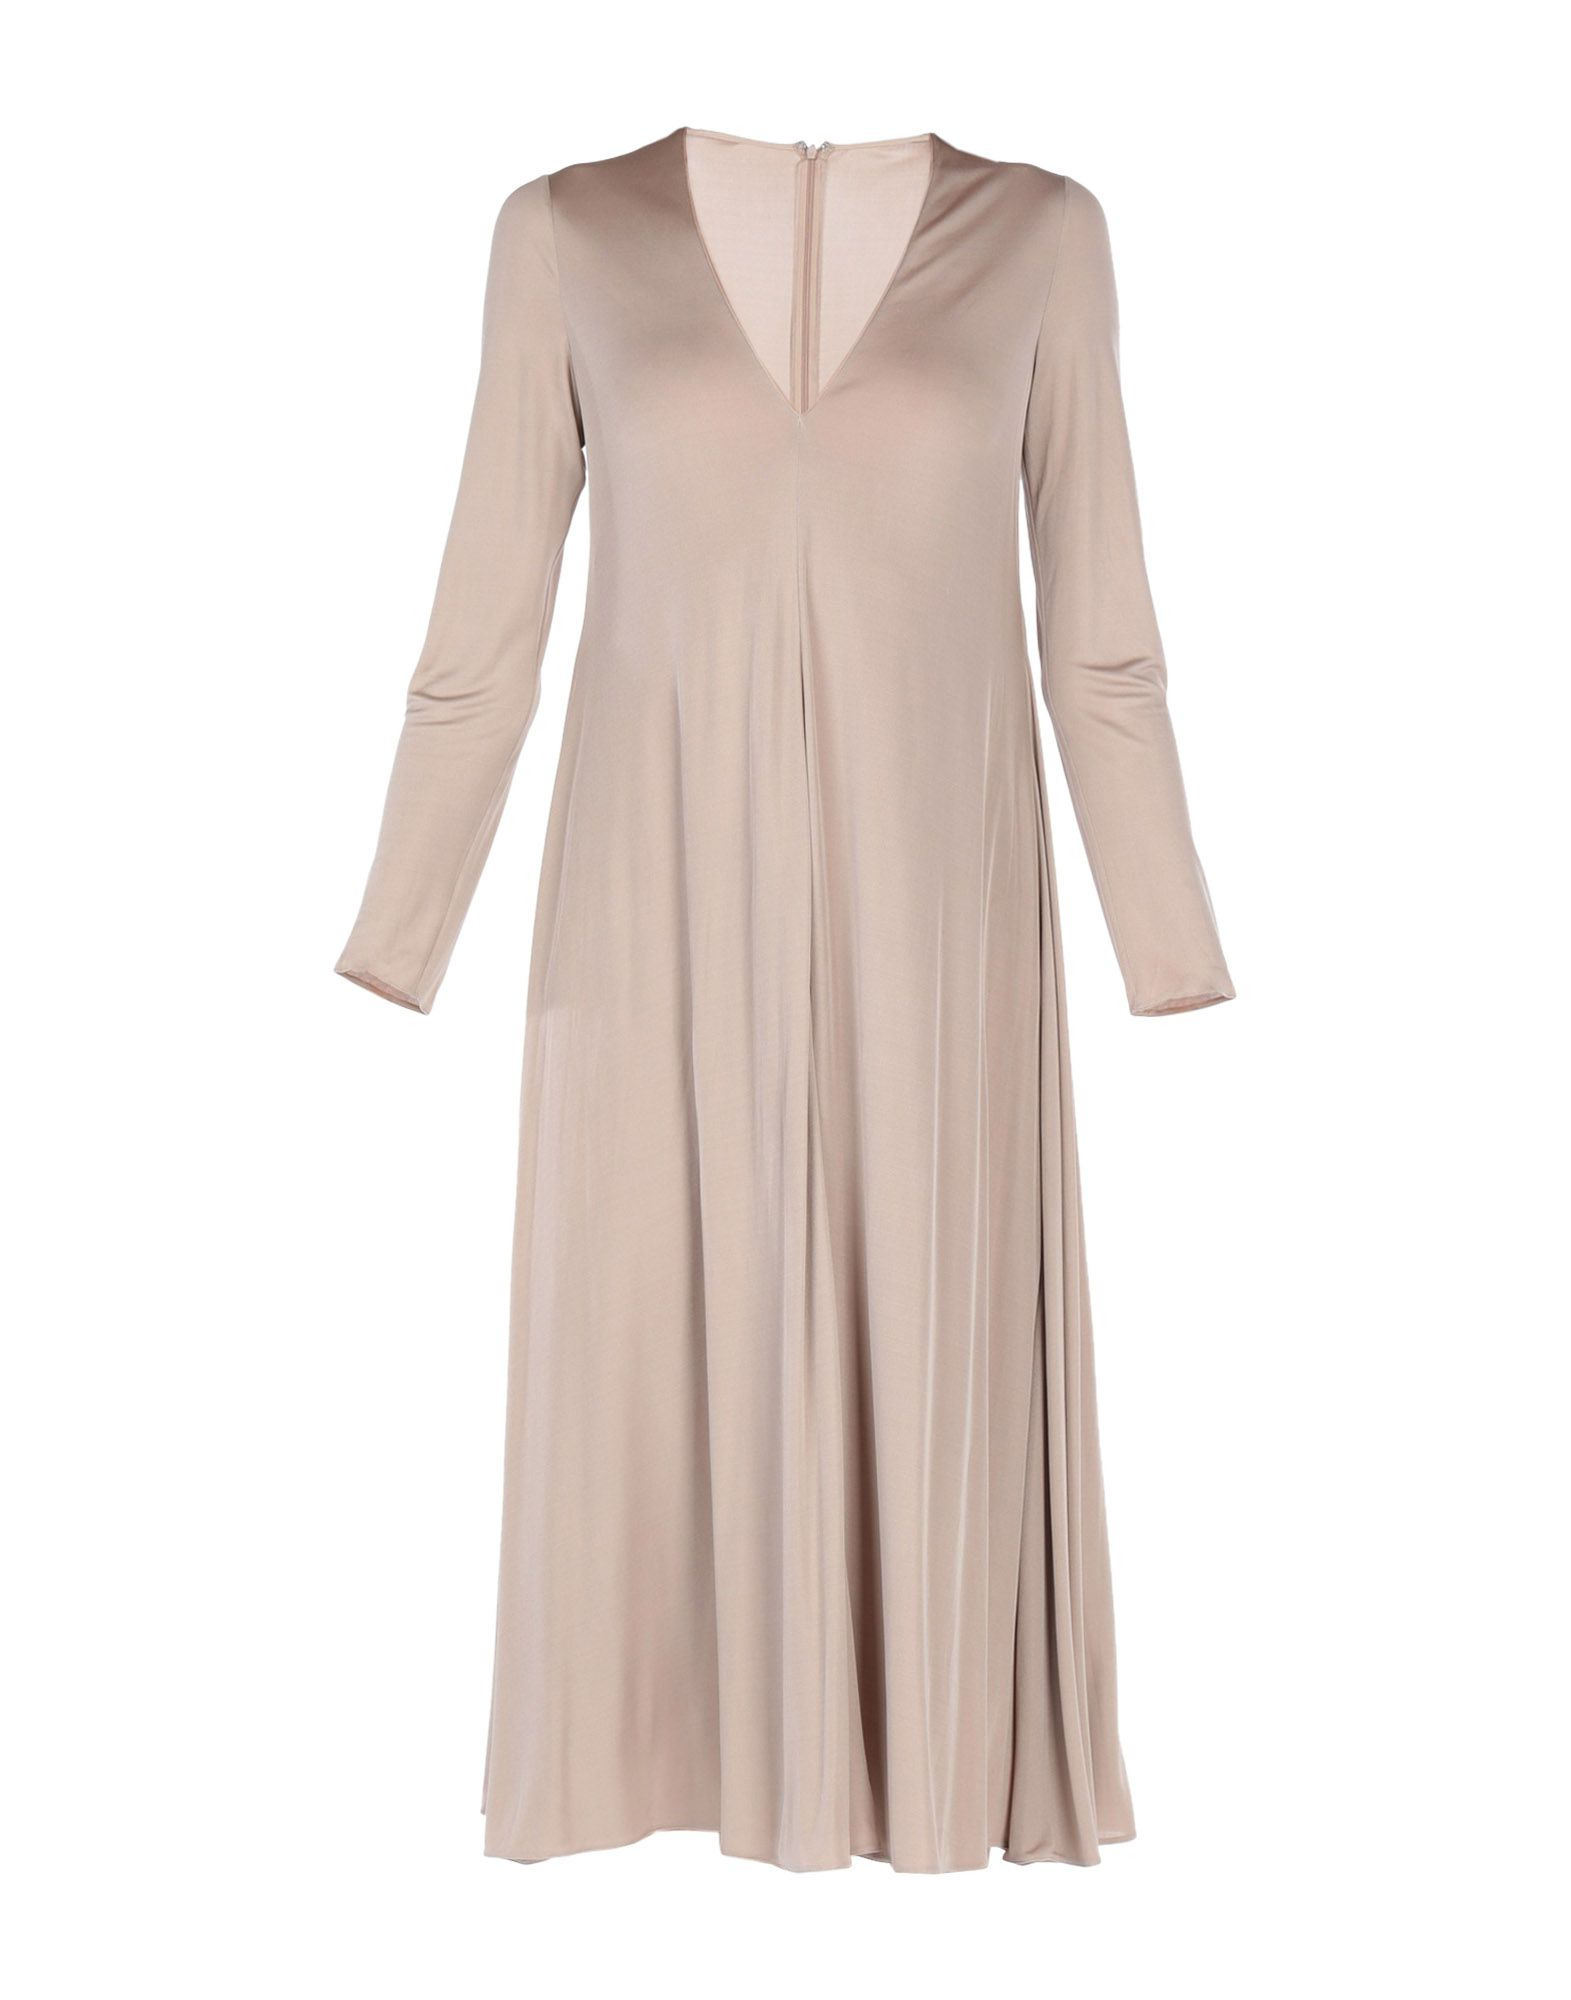 20 Wunderbar Abendkleider Yoox Ärmel15 Luxus Abendkleider Yoox Spezialgebiet